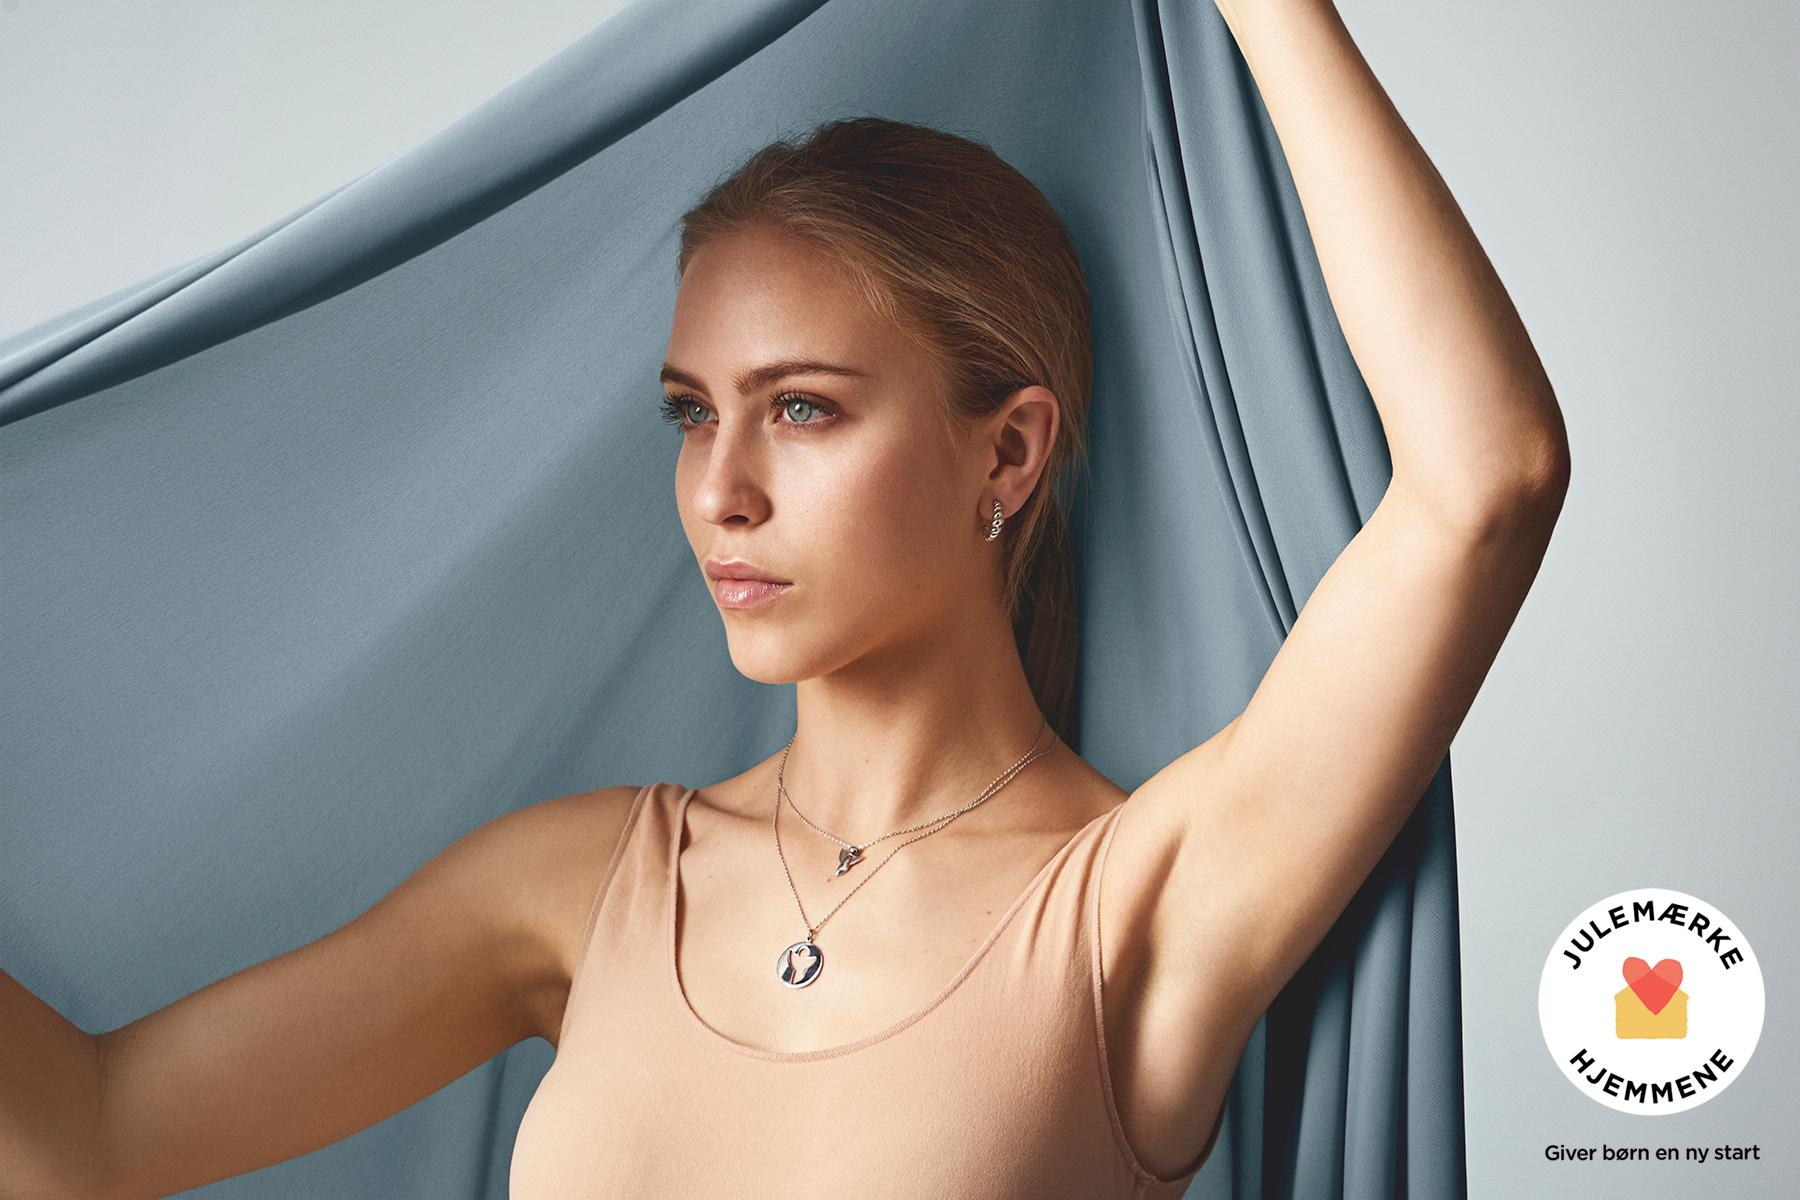 Me & My angel - et smykke designet med hjertet